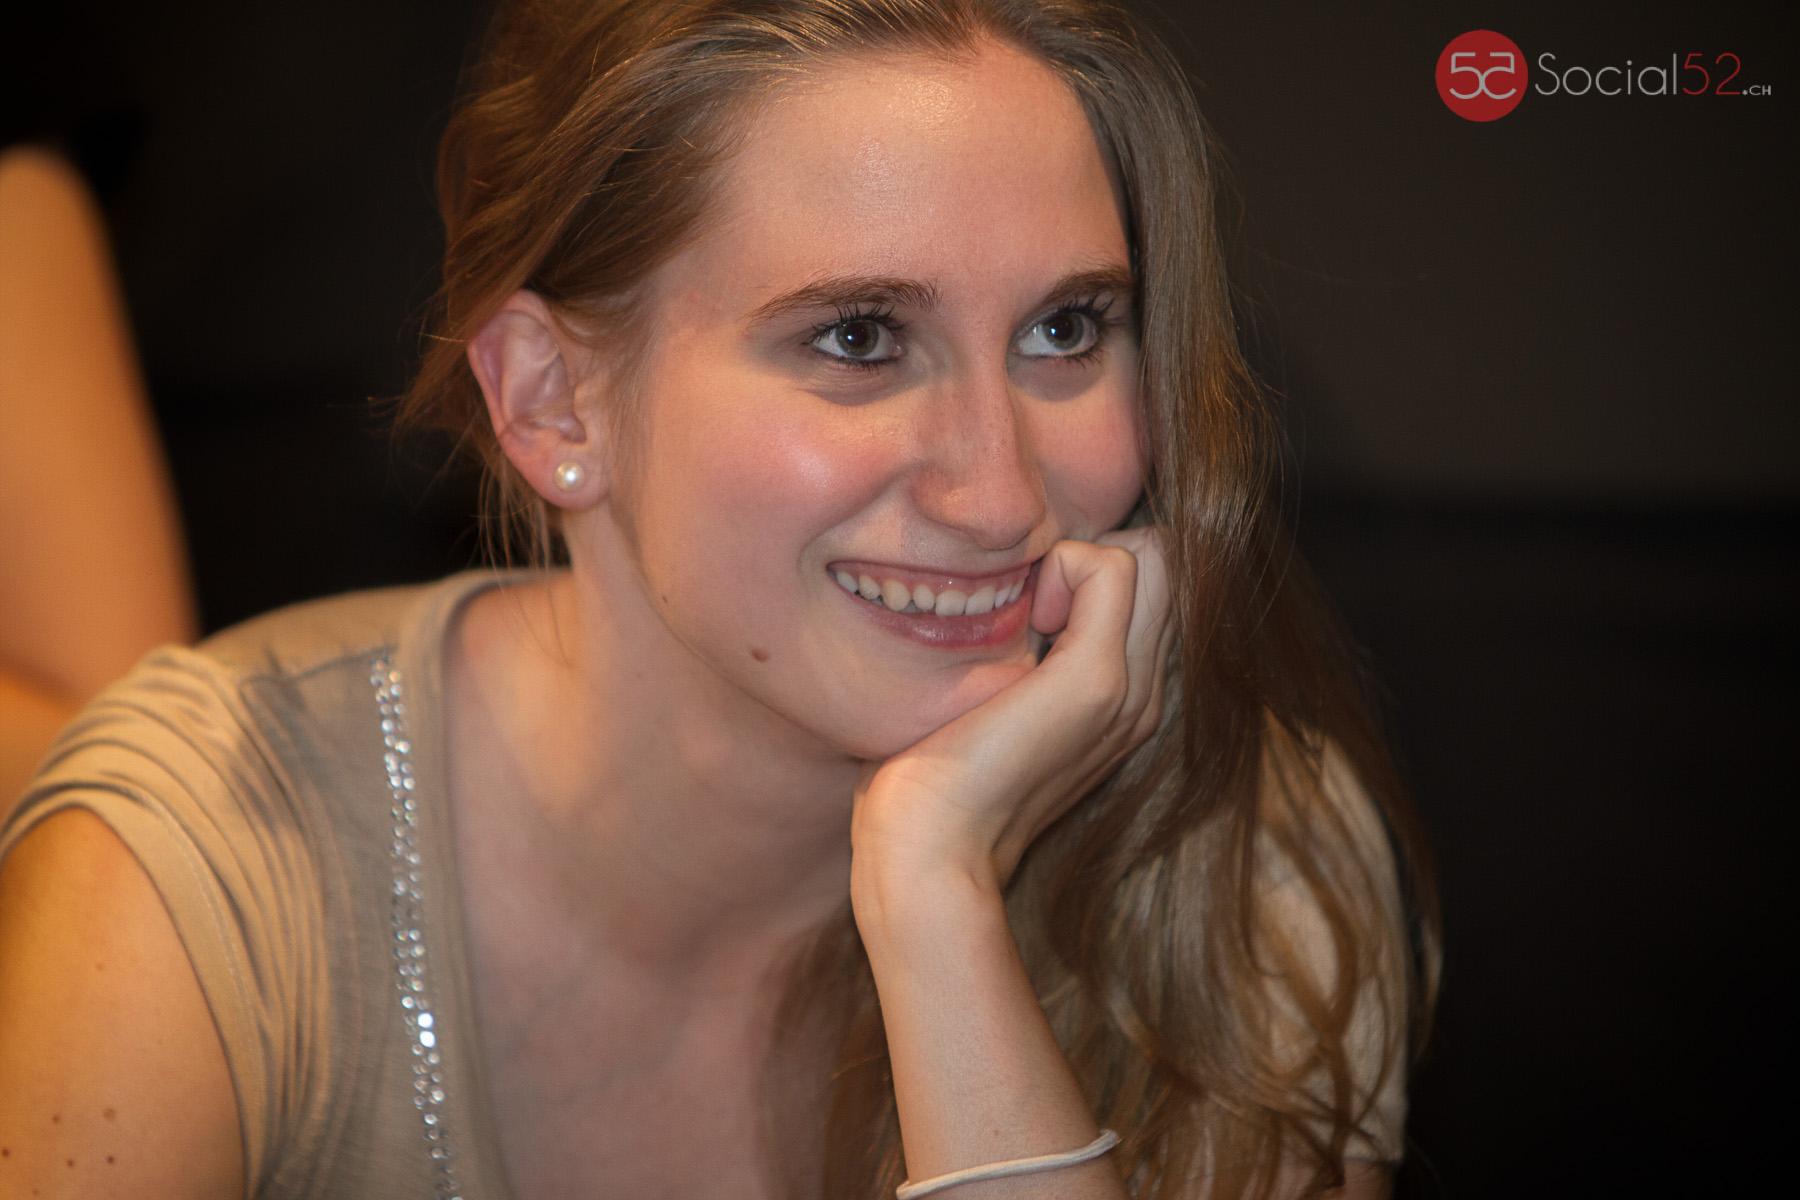 13 Das Musical Kriens Switzerland 2016: Shayenne Theiler